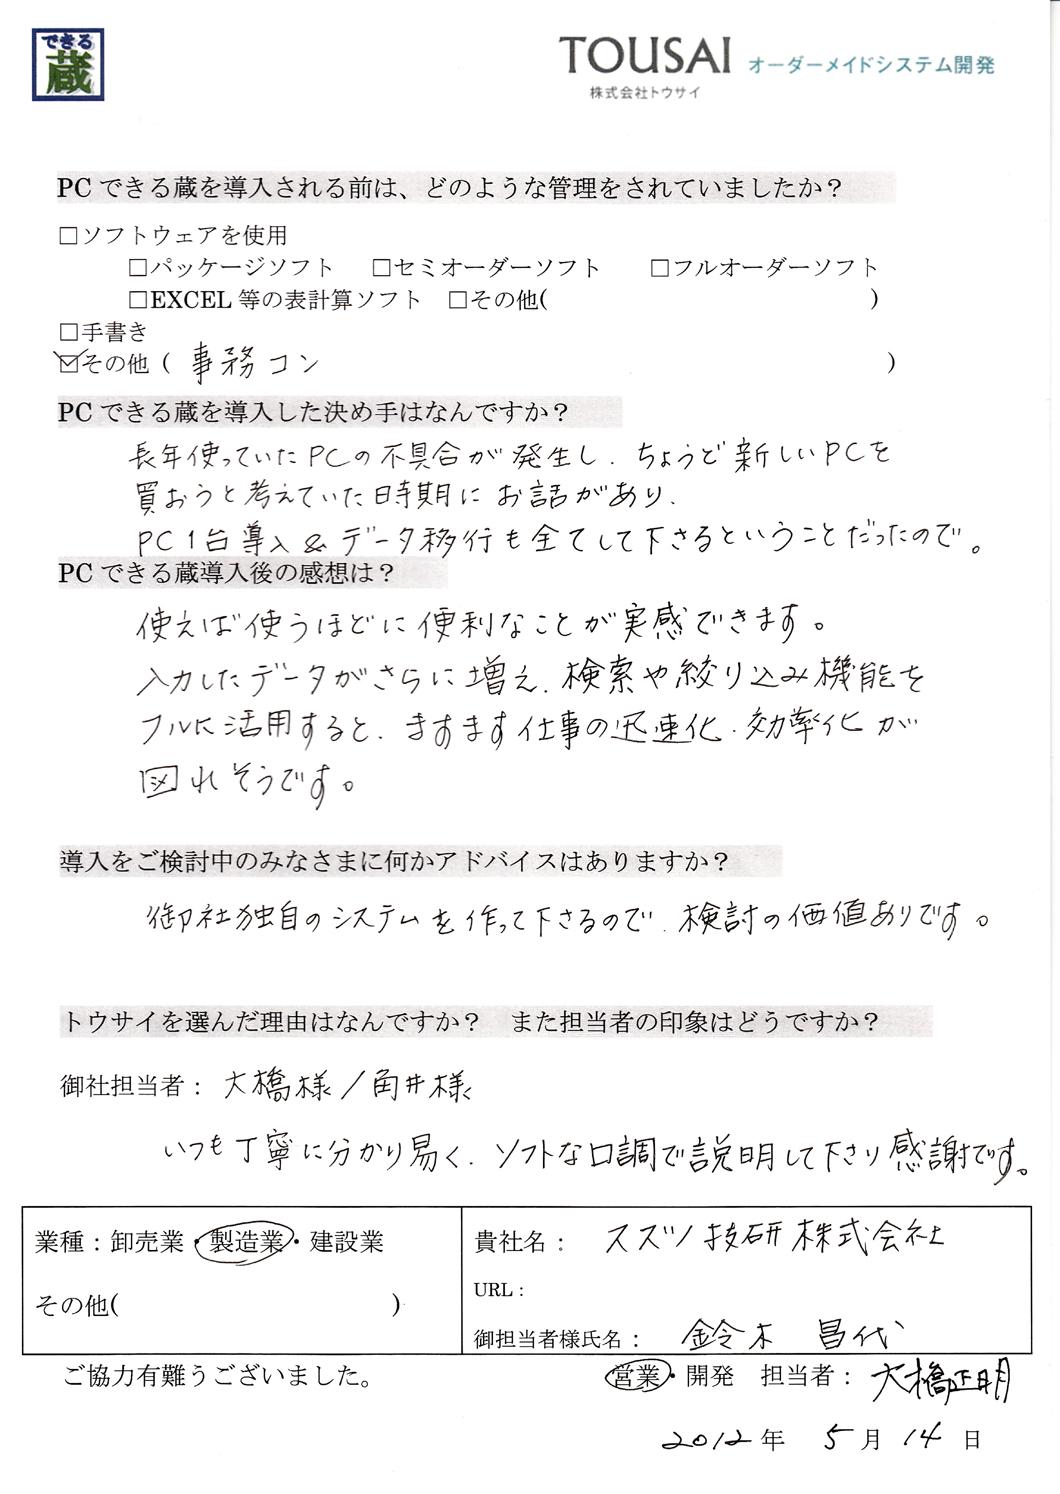 スズノ技研株式会社 様